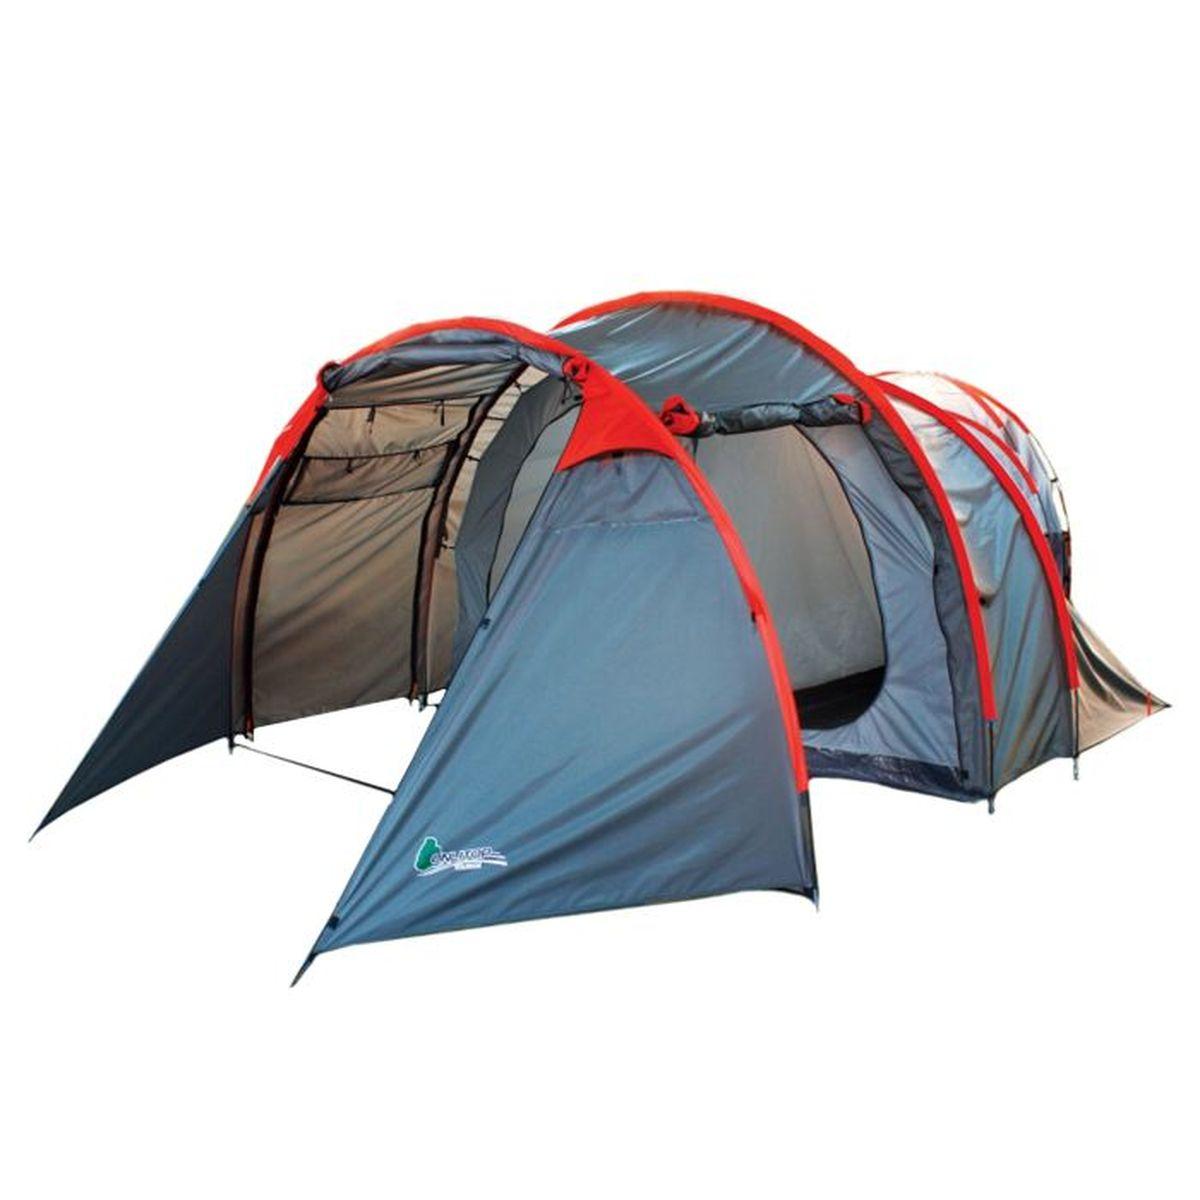 Палатка туристическая Onlitop VOYAGER 4, цвет: серый867029Если вы заядлый турист или просто любитель природы, вы хоть раз задумывались о ночёвке на свежем воздухе. Чтобы провести её с комфортом, вам понадобится отличная палатка, Она обеспечит безопасный досуг и защитит от непогоды и насекомых. Ткань рипстоп гарантирует длительную эксплуатацию палатки за счёт высокой прочности материала.